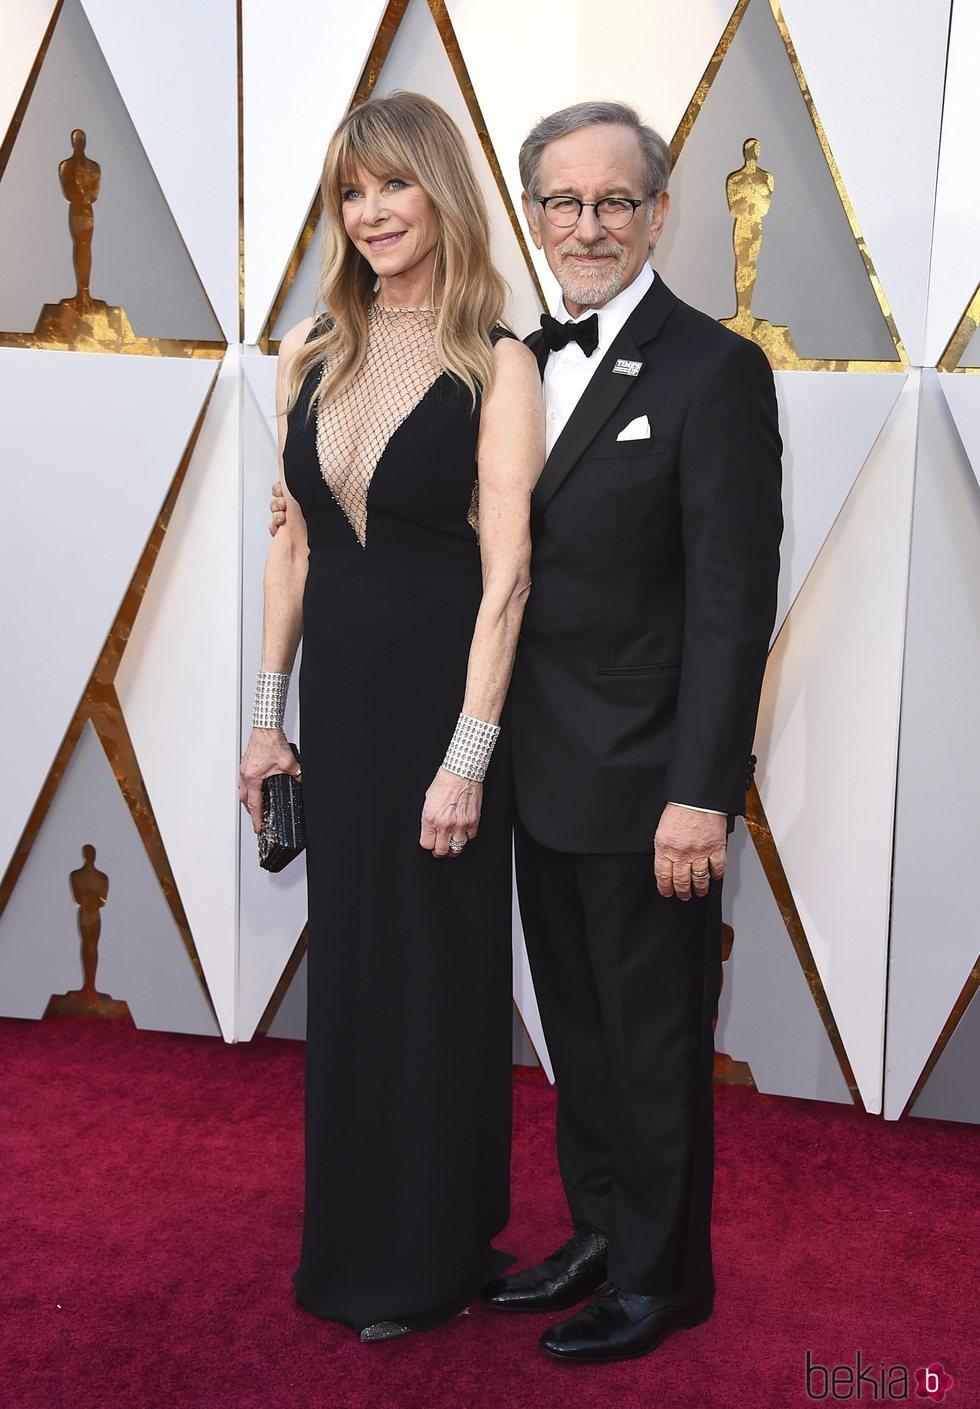 Steven Spielberg y Kate Capshaw en la alfombra roja de los Premios Oscar 2018